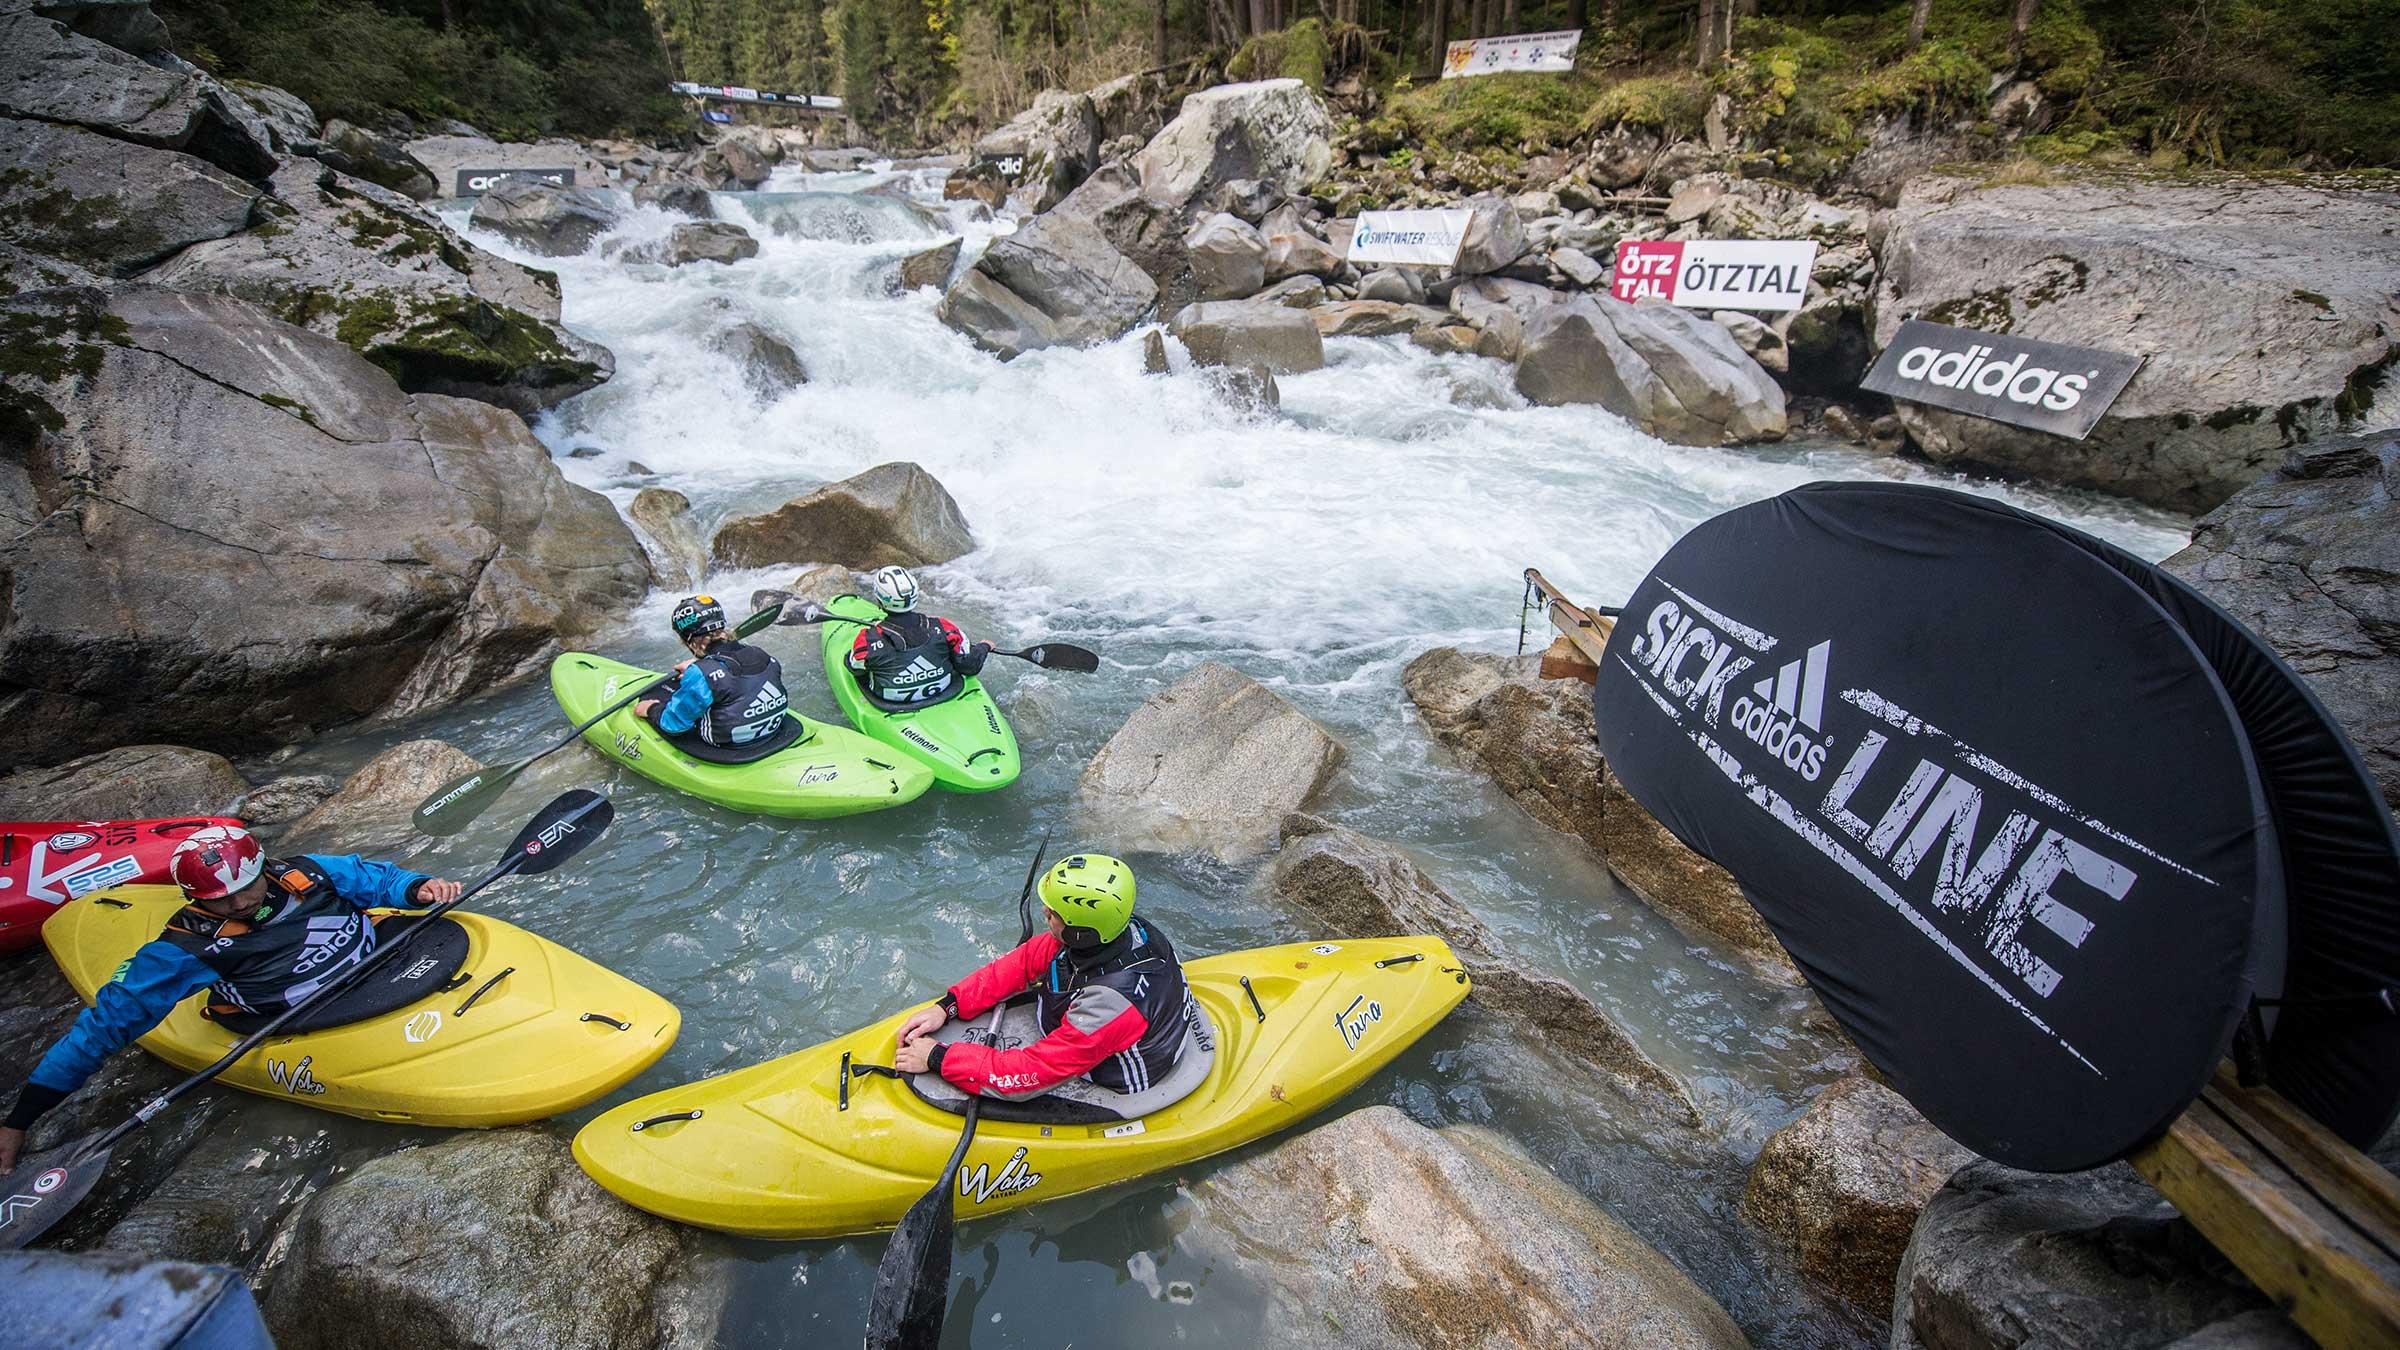 Kayaker warten im Wasser - adidas Sickline, Ötz, Ötztal, Tirol